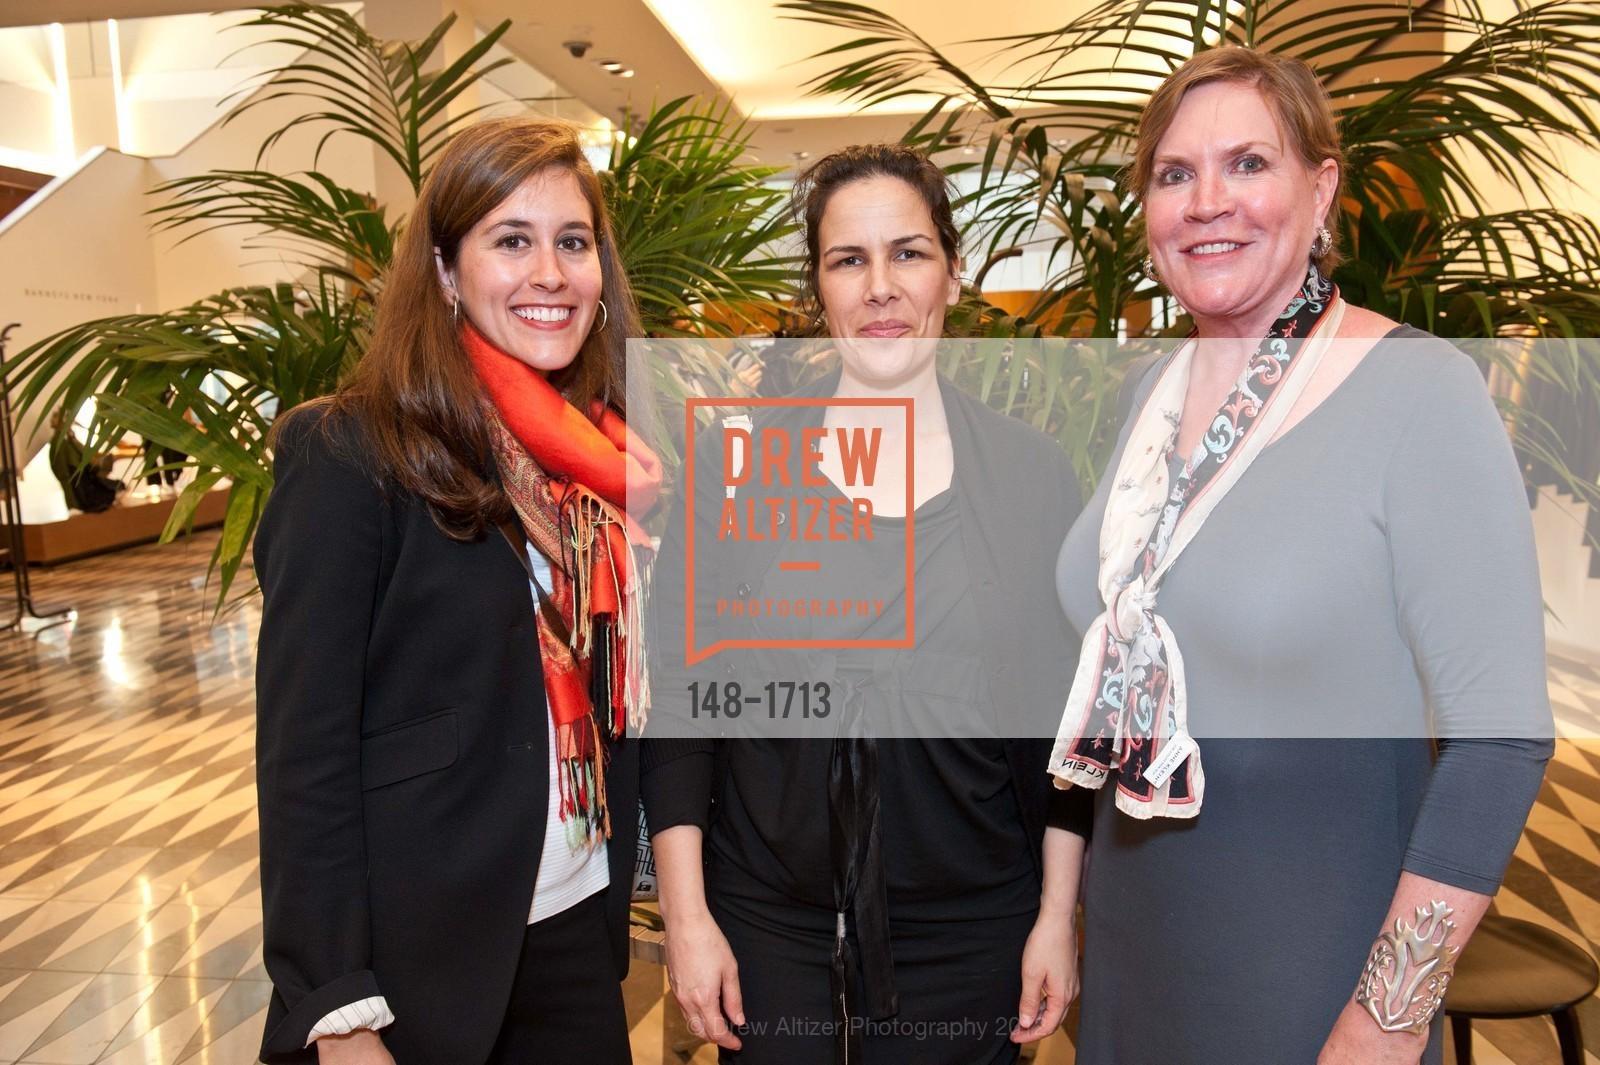 Celena Aponte, Tracy Barba, Cynthia Ringo, Photo #148-1713